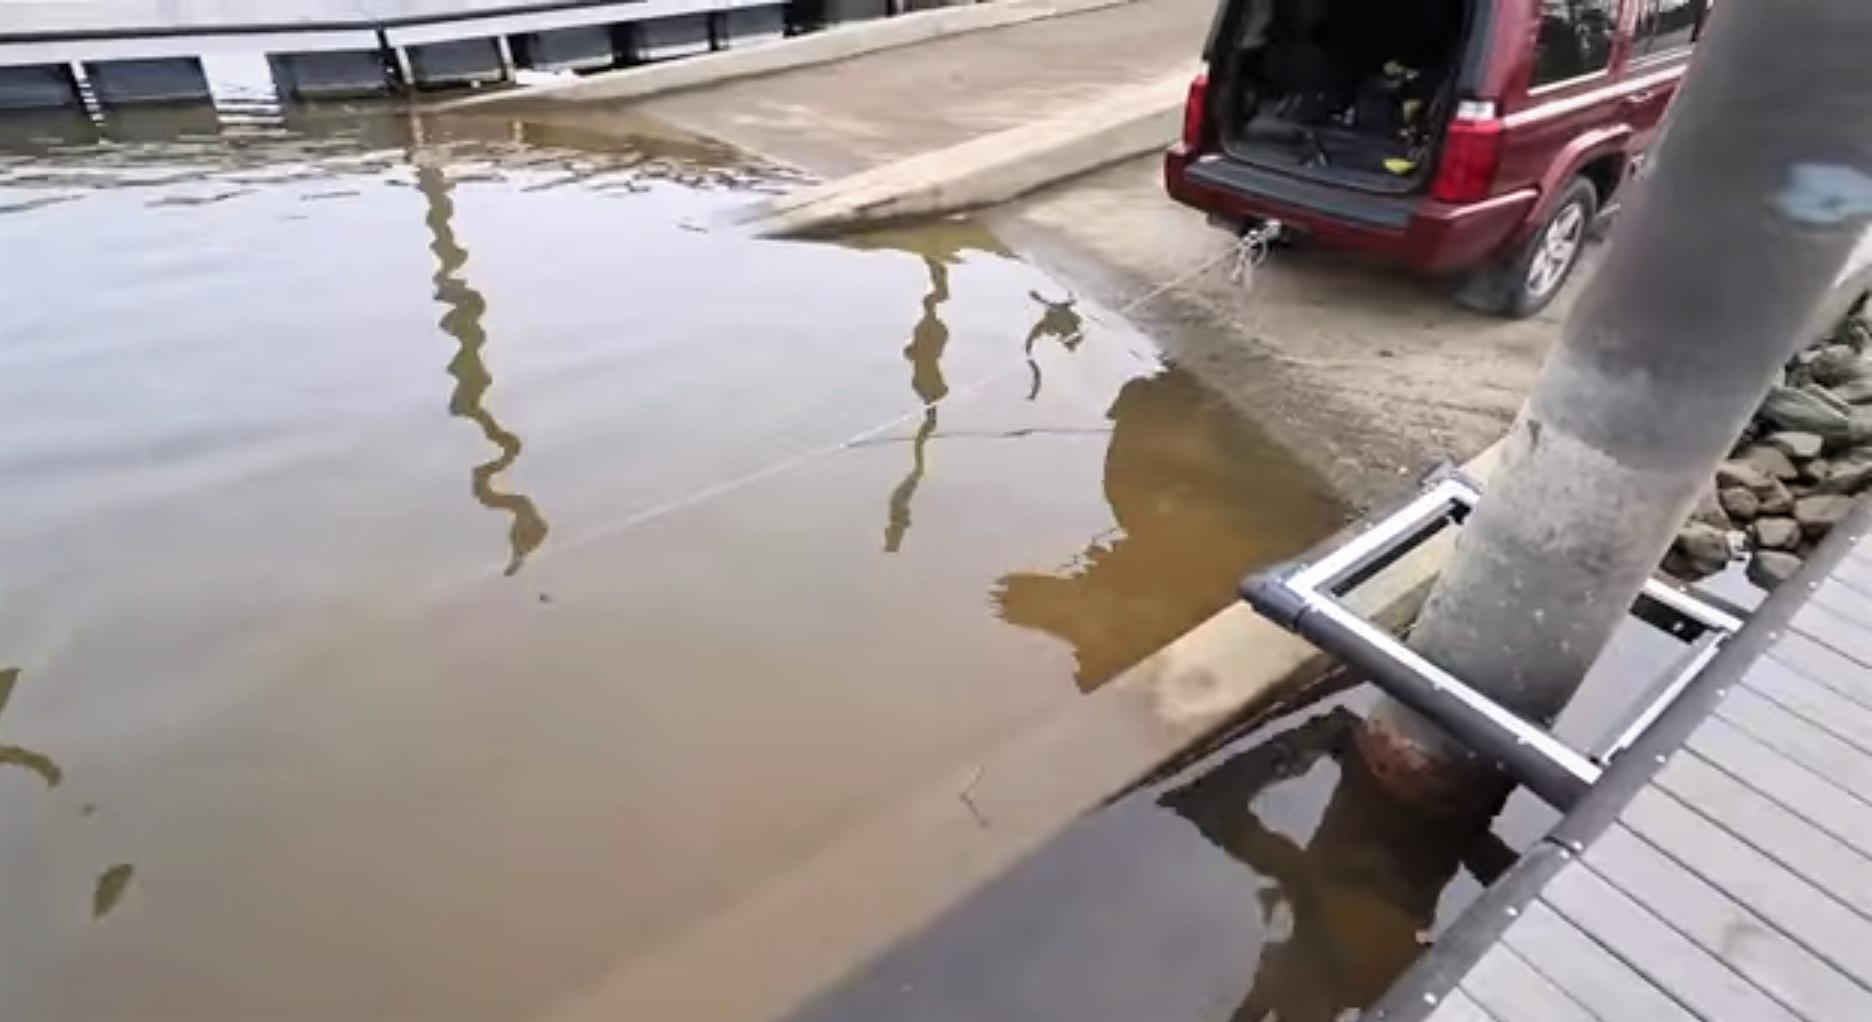 ťahanie zaseknutého magnetu autom